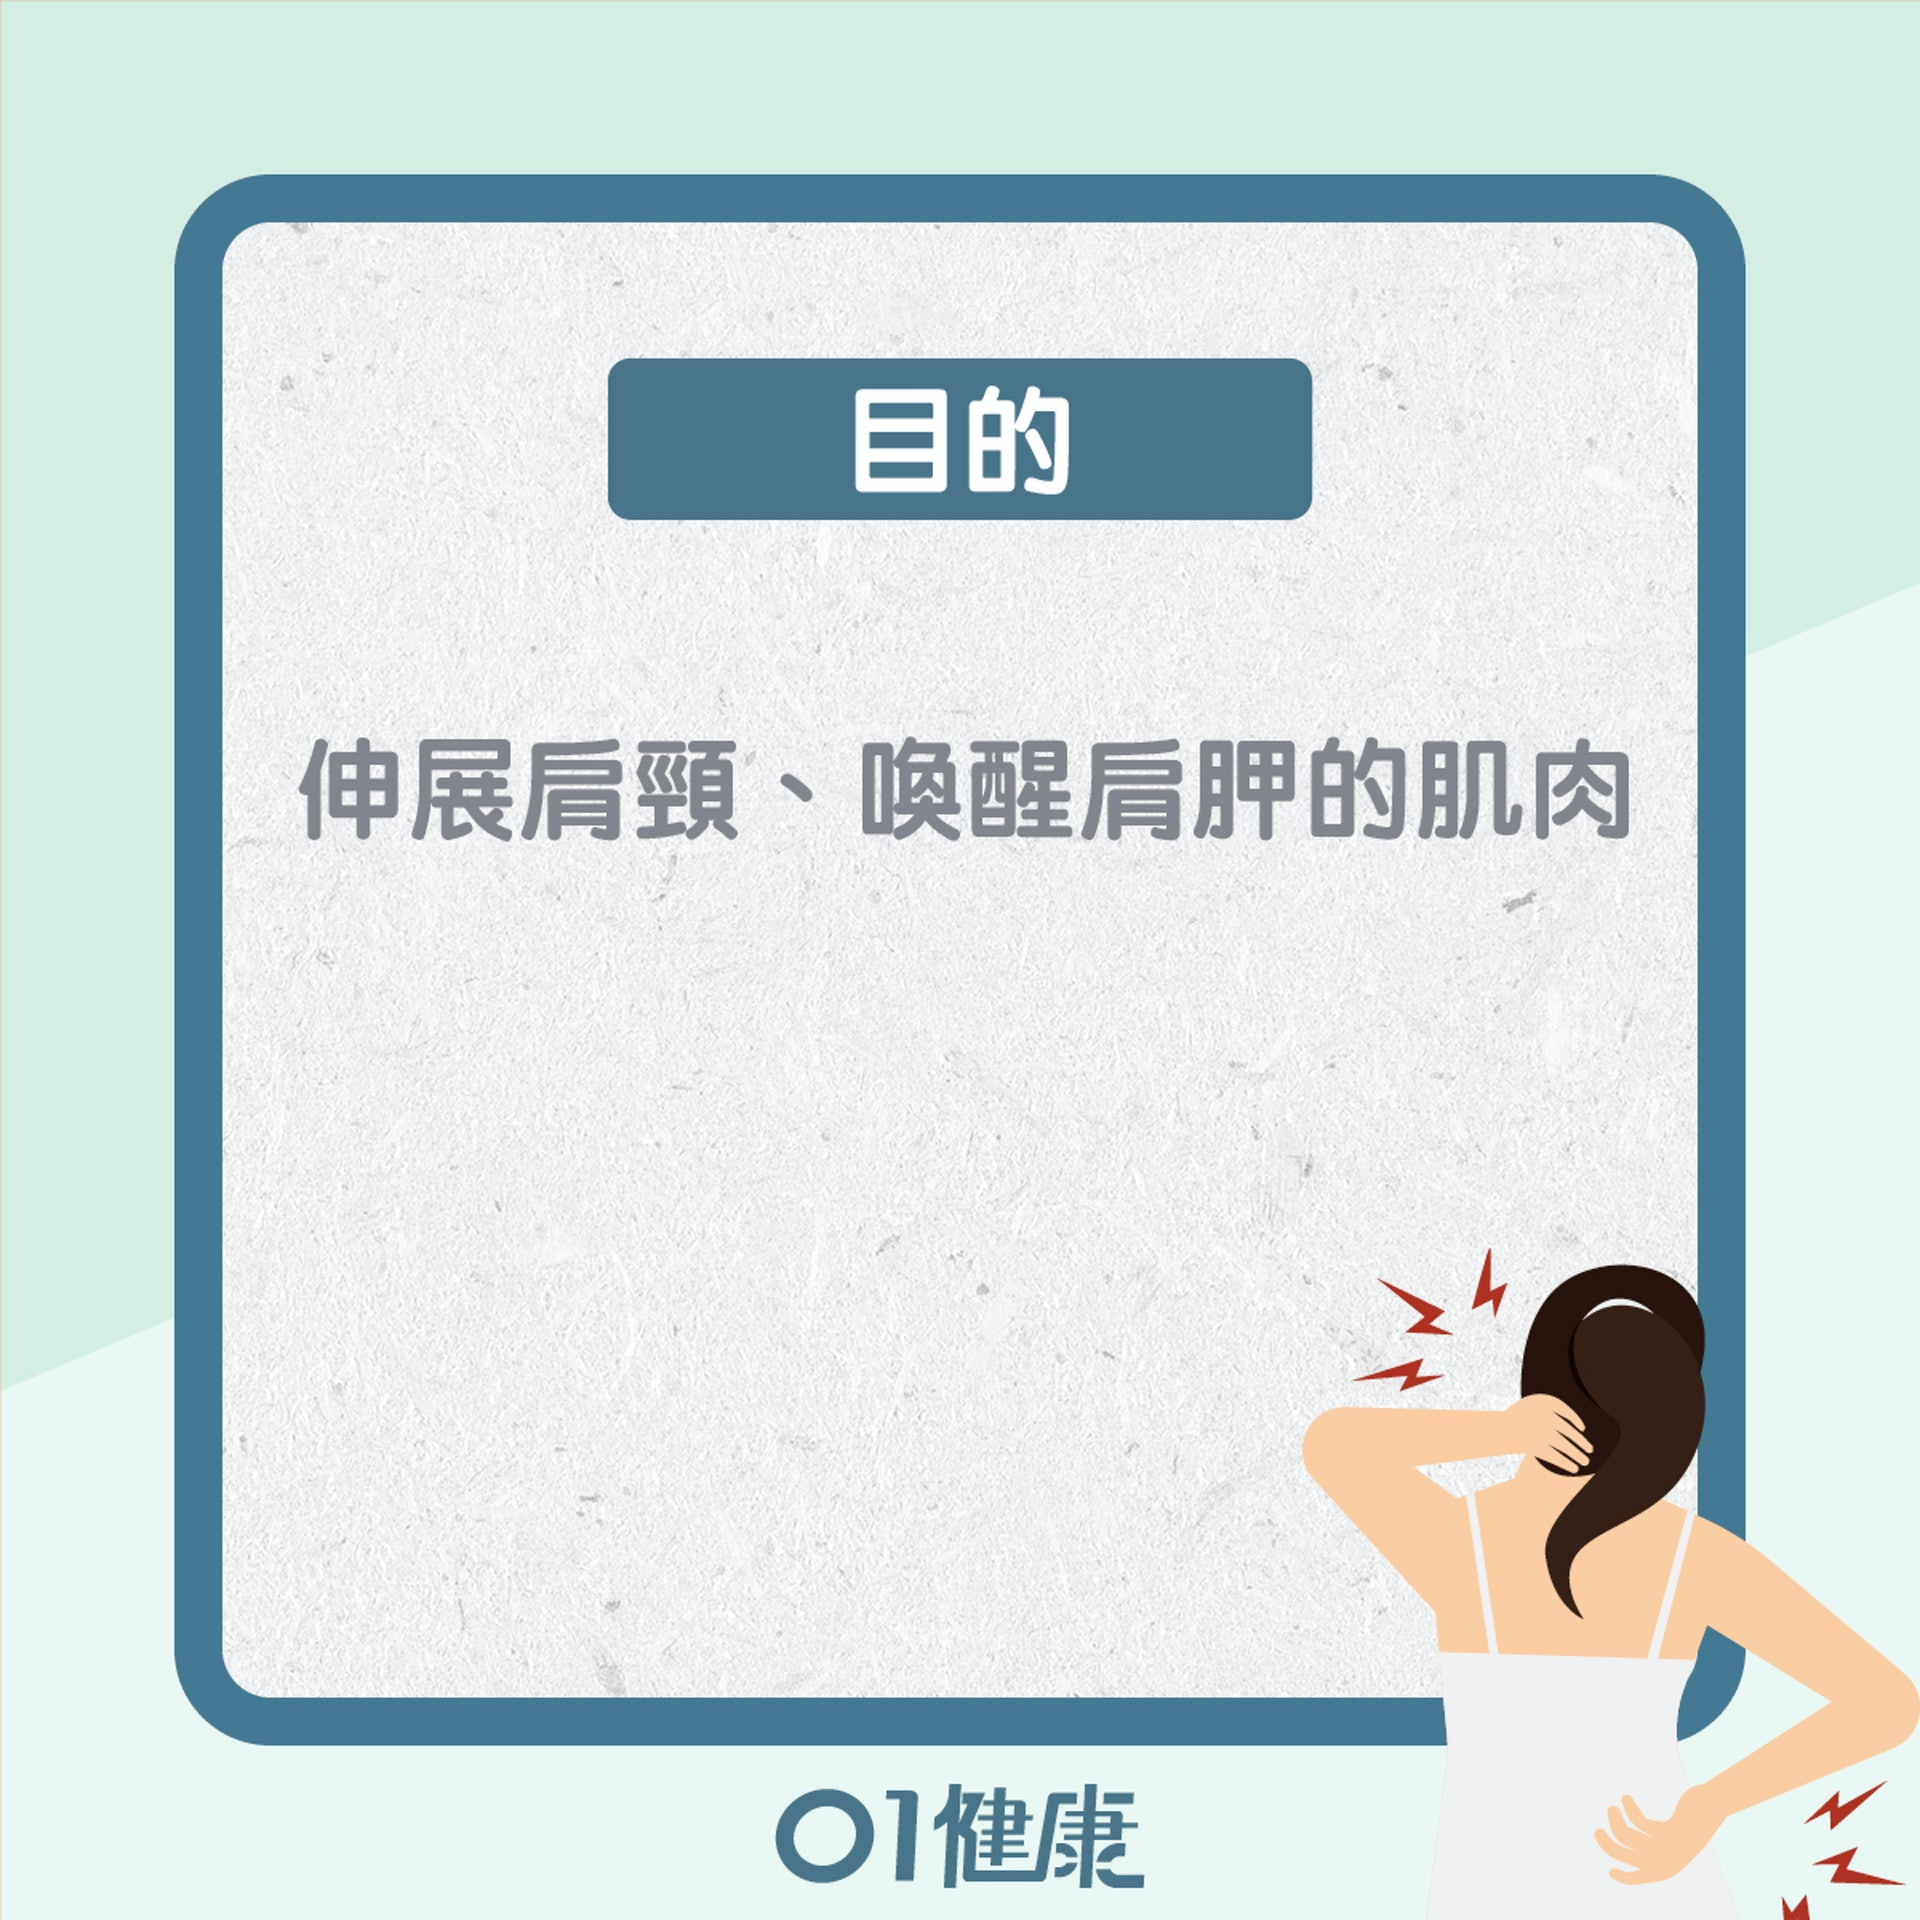 動作二教學(01製圖)